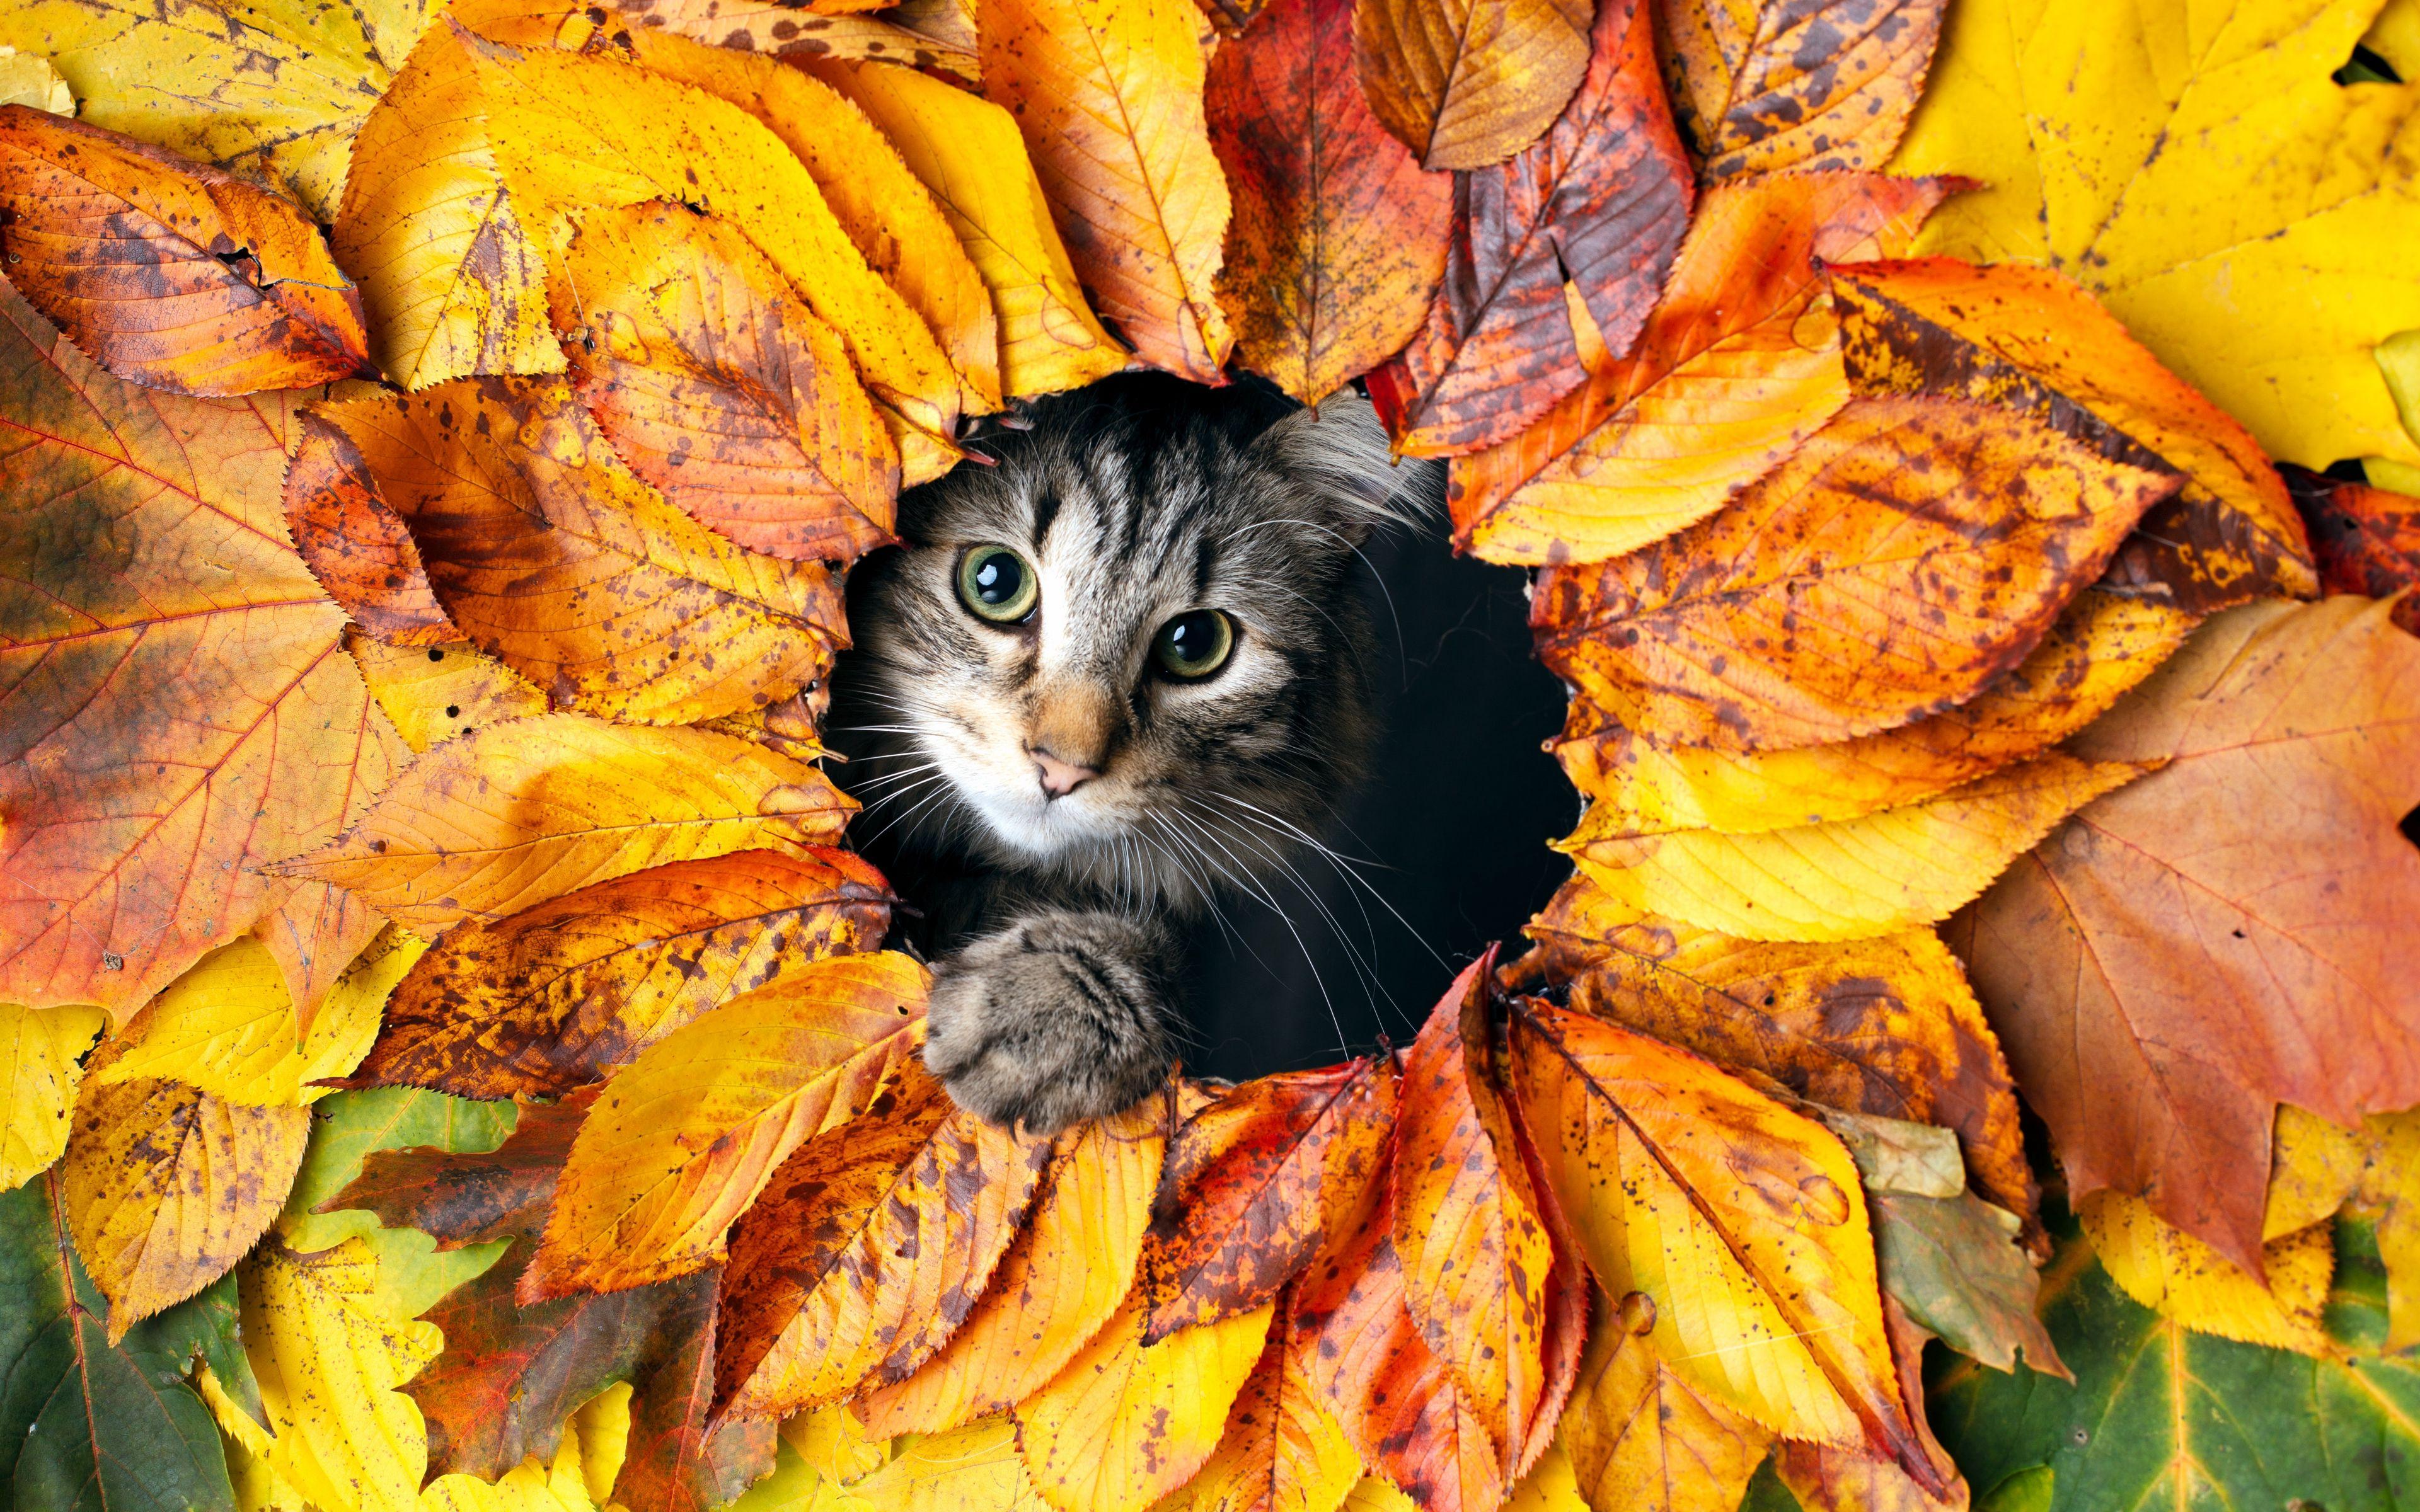 Fondos de pantalla Gato entre hojas de otoño